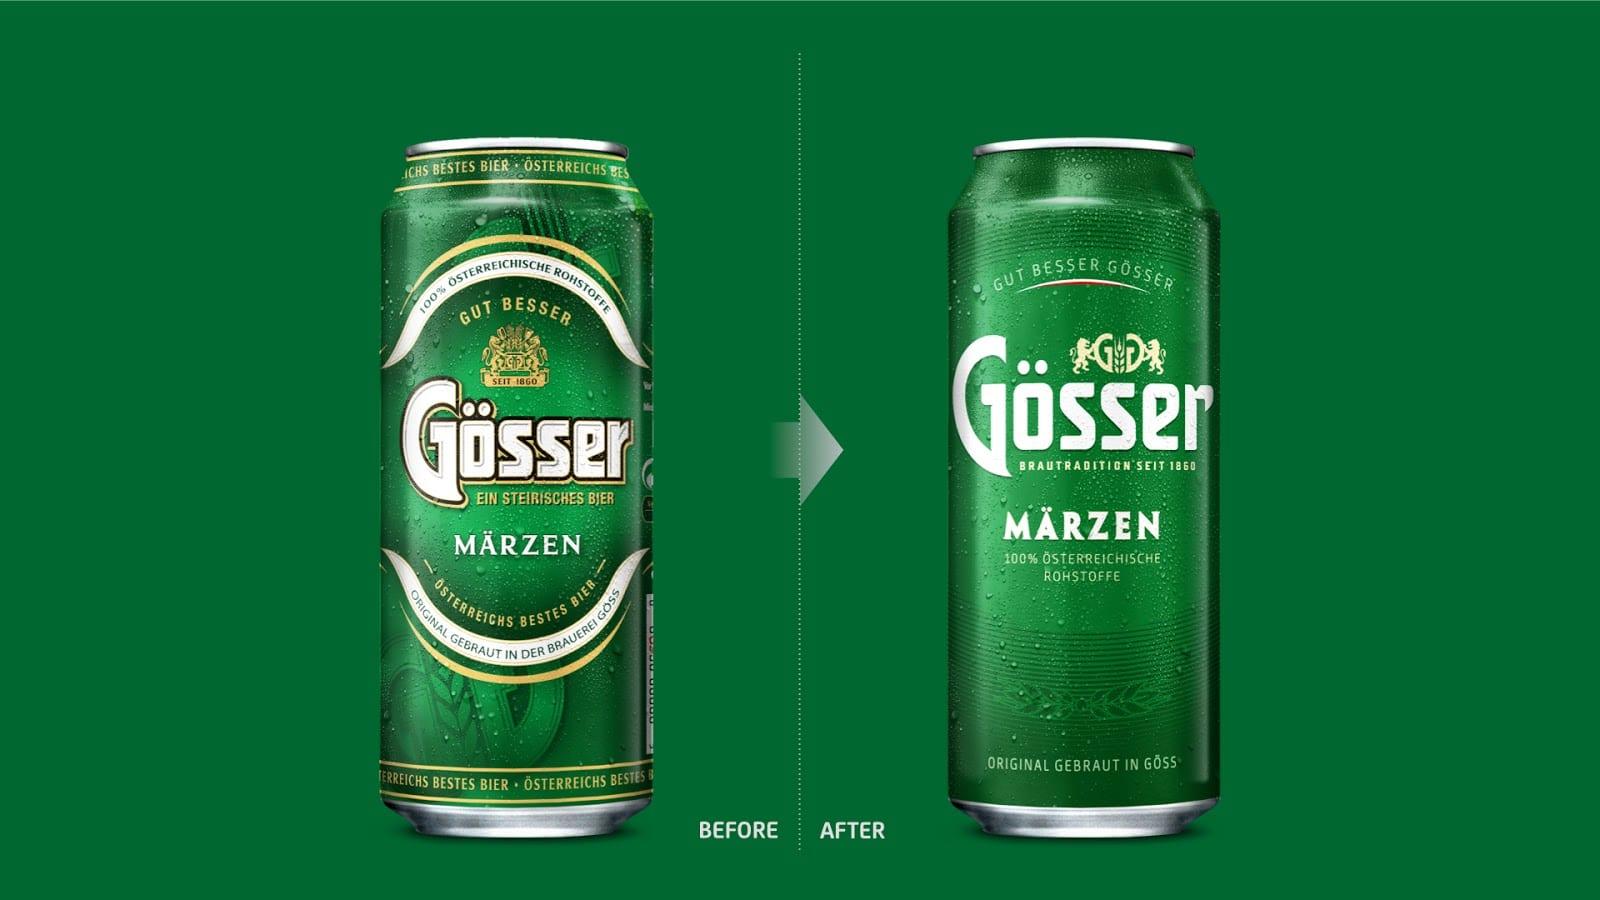 gosser 03 evolution - Vizuální redesign rakouské značky Gösser